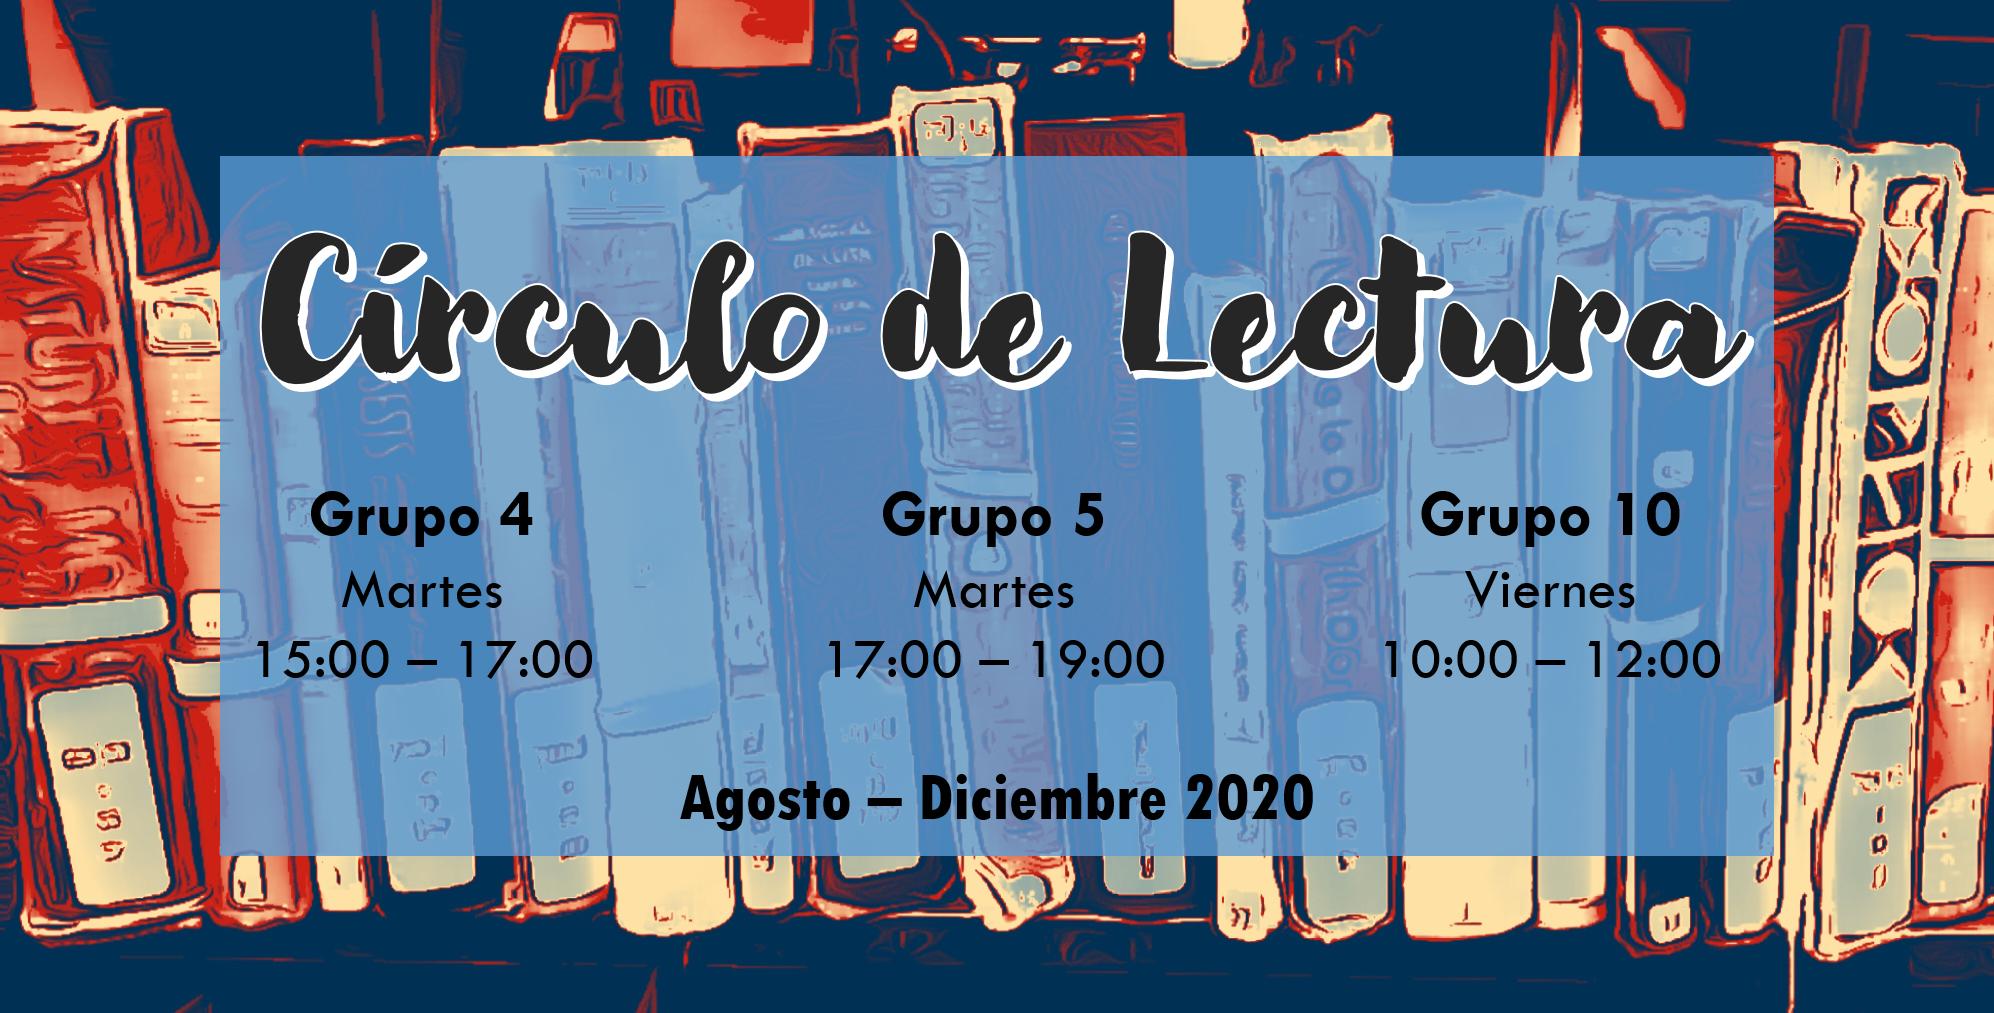 Círculo de Lectura - Lic. Armando Cabrera